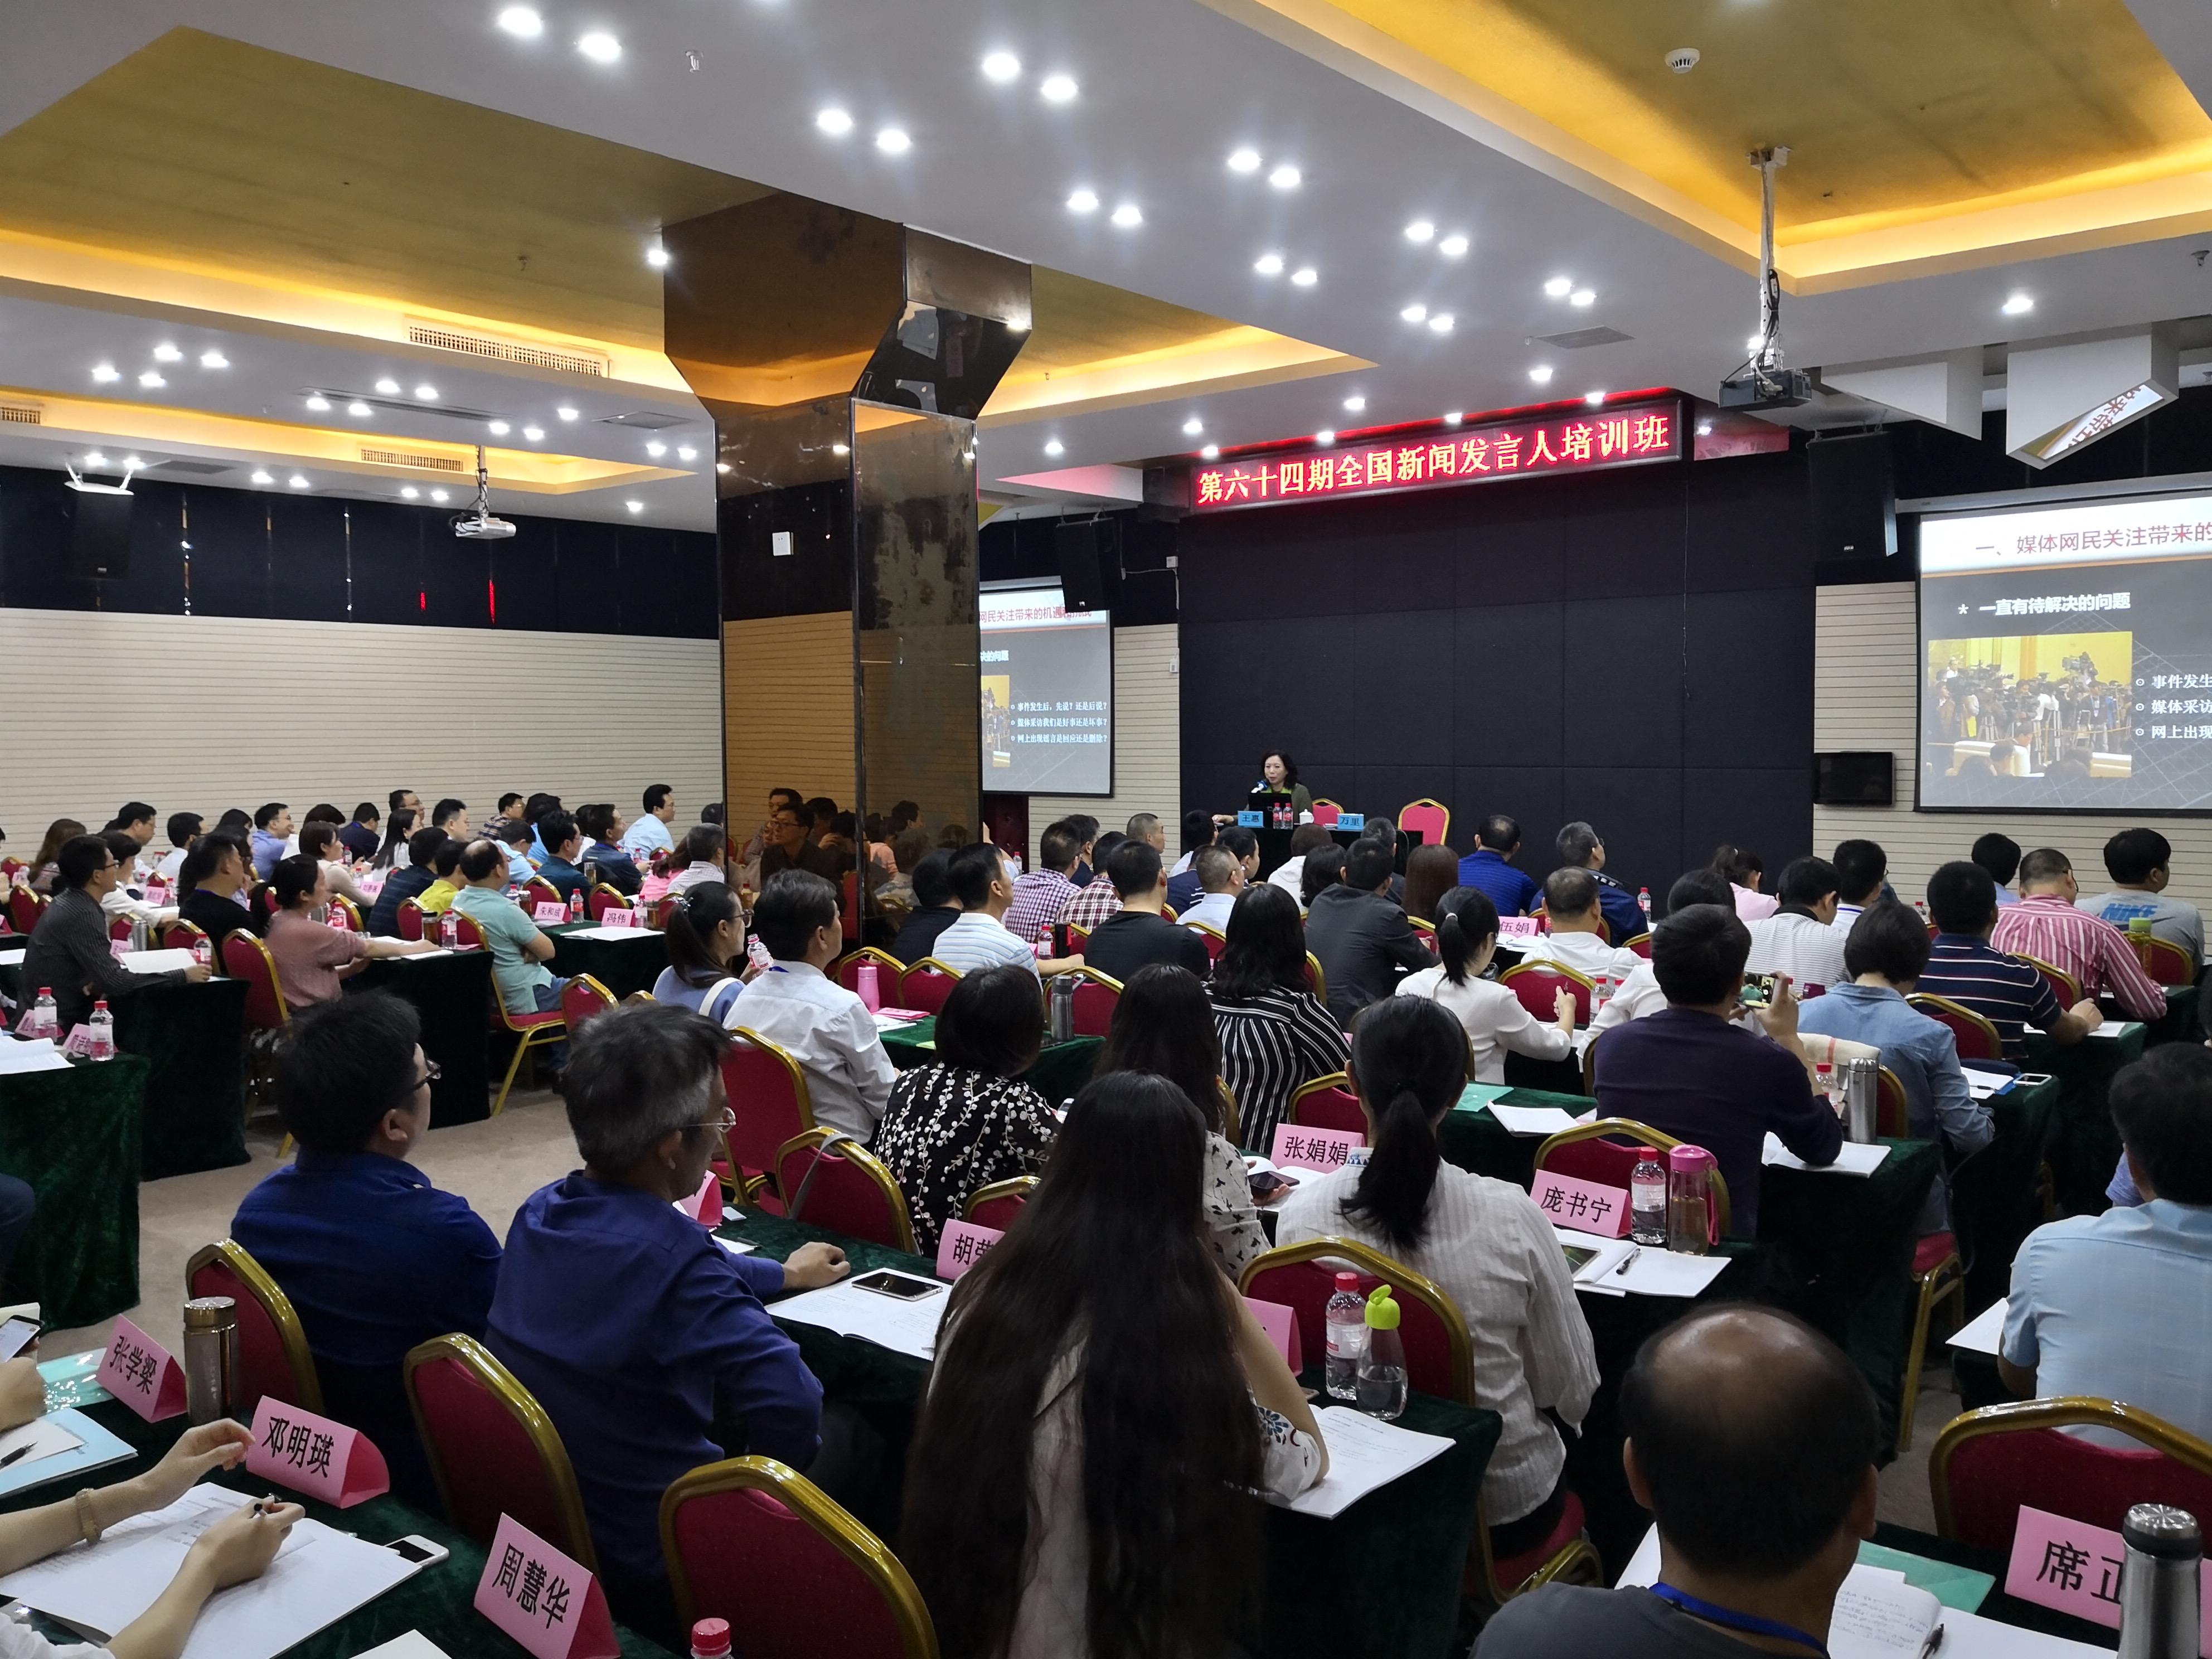 第64期全国新闻发言人培训班在厦门成功举办